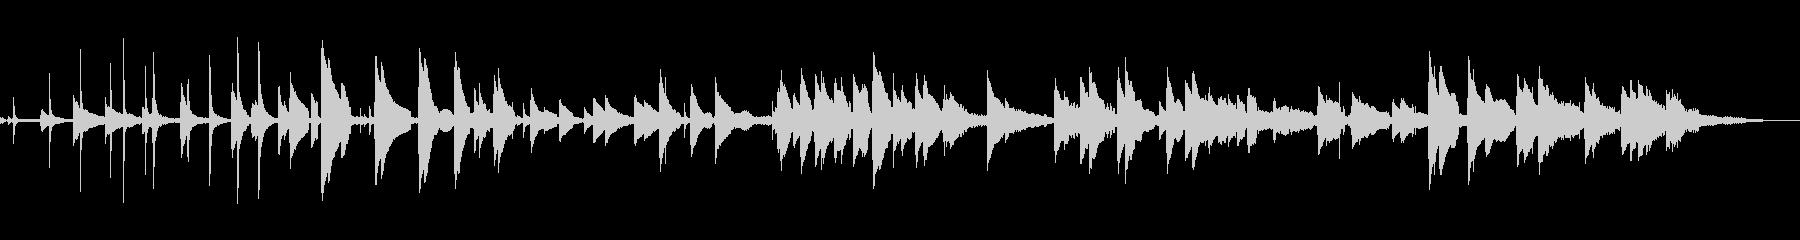 ハープ:チューニング、音楽ハープ音楽の未再生の波形